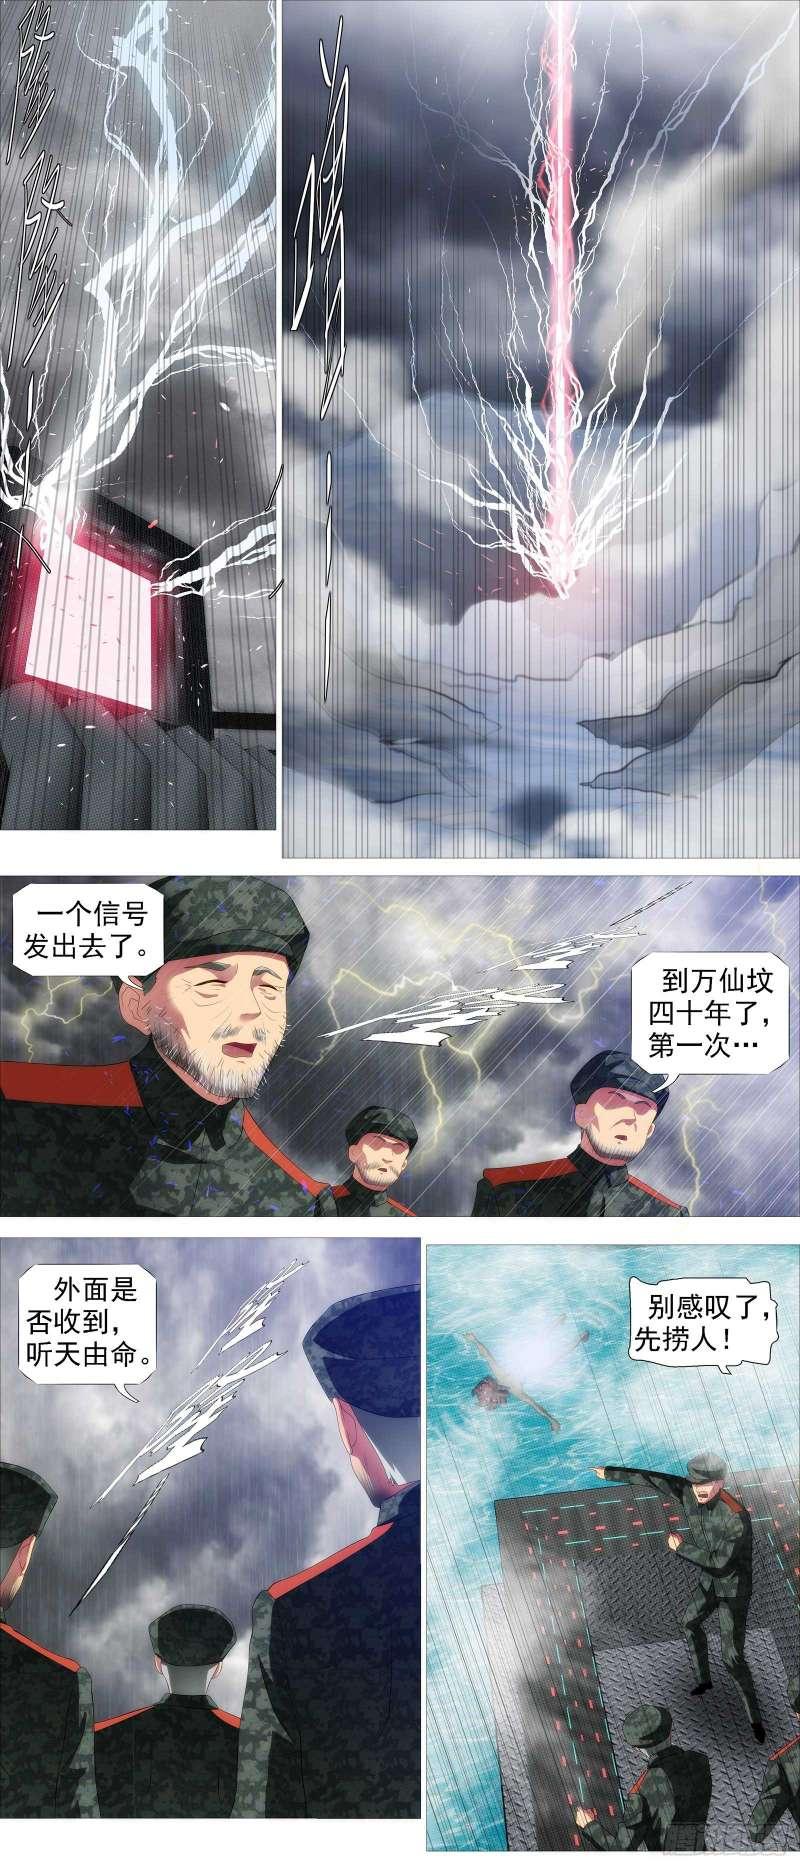 【漫画更新】铁姬钢兵416~417话